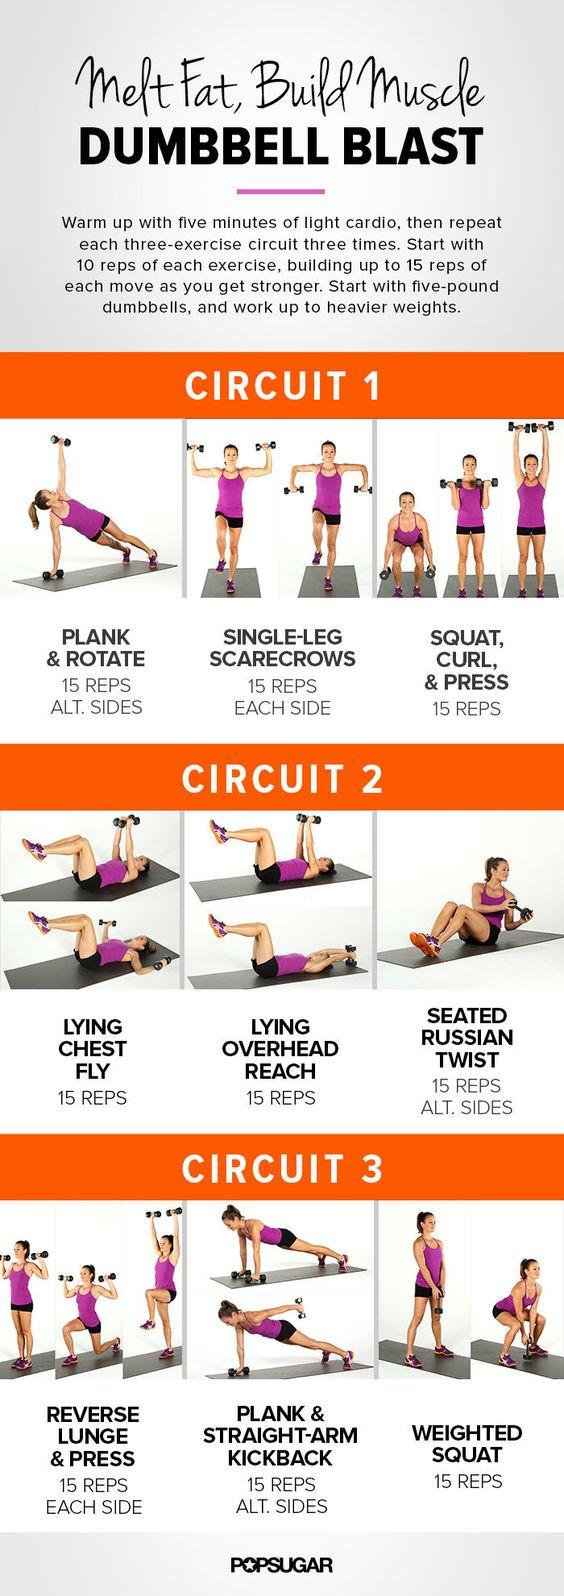 melt fat build muscles dumbbell blast strength training for women